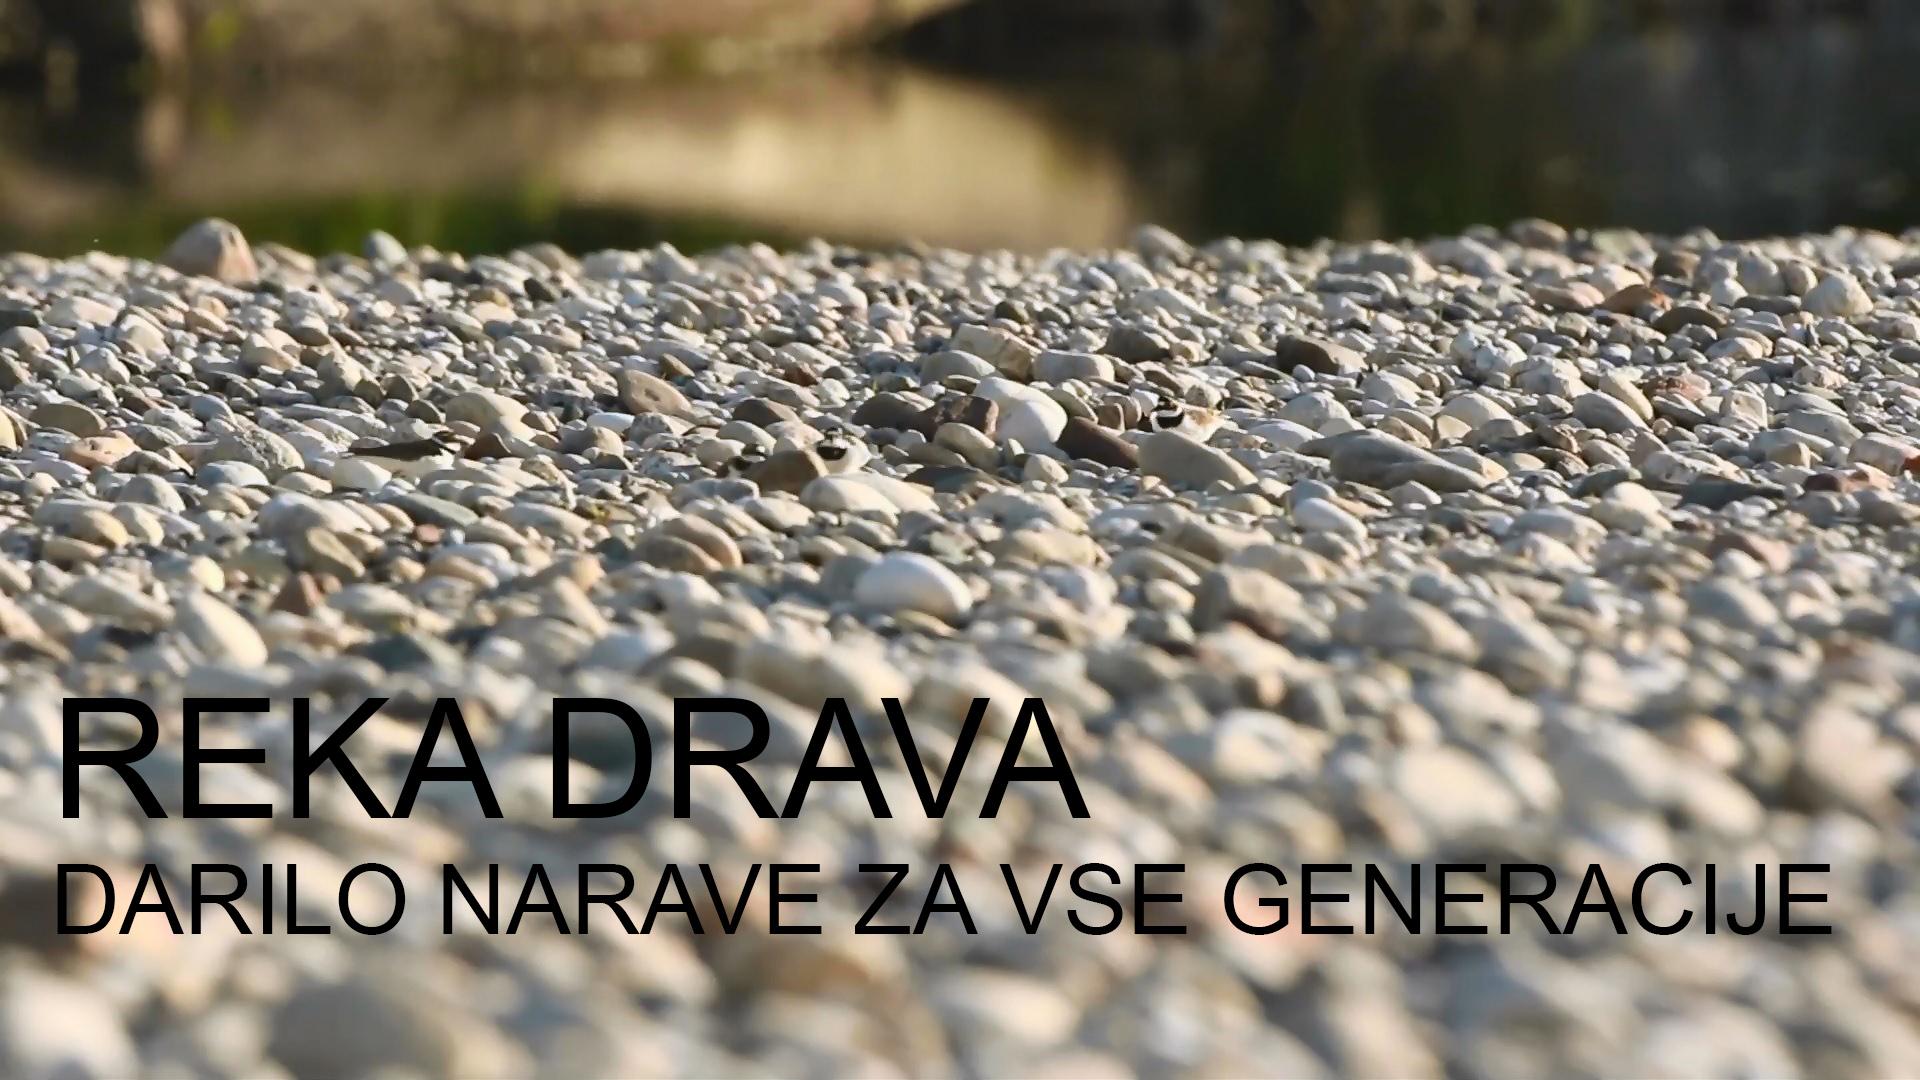 Reka Drava: darilo narave za vse generacije